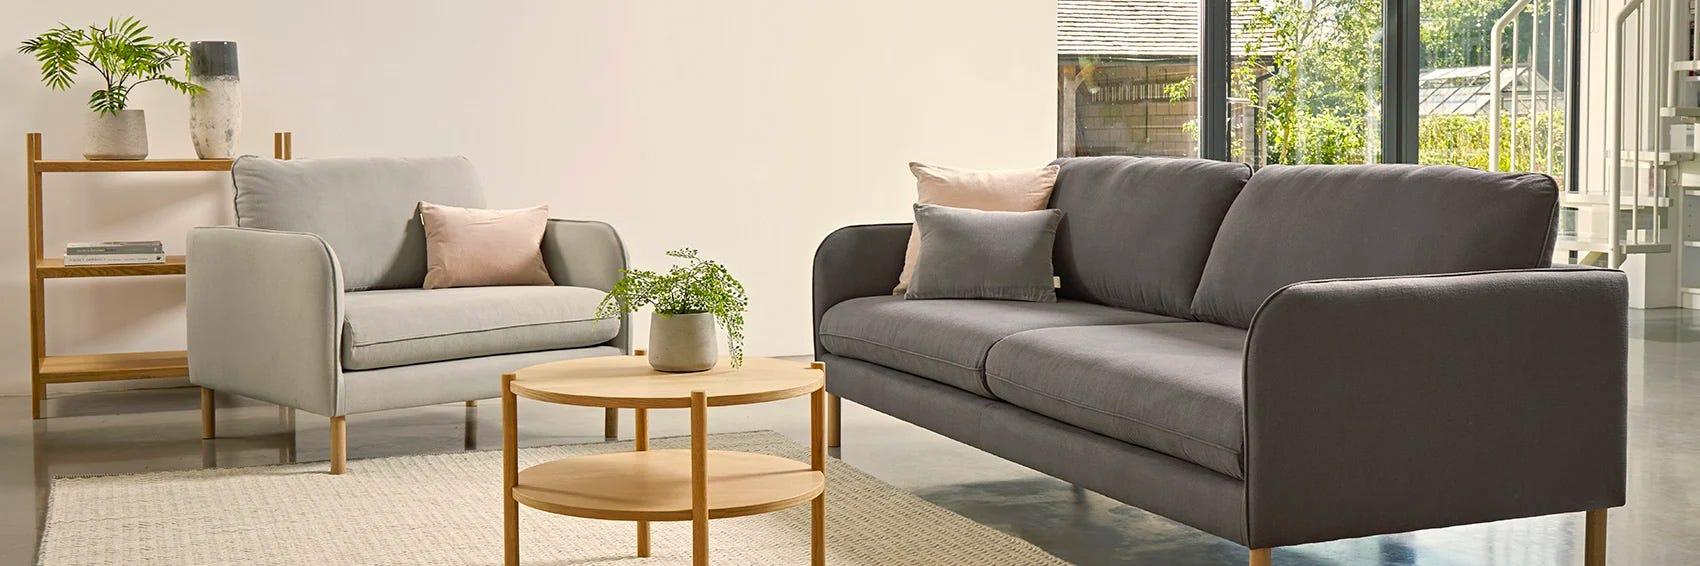 Custom Made Upholstery